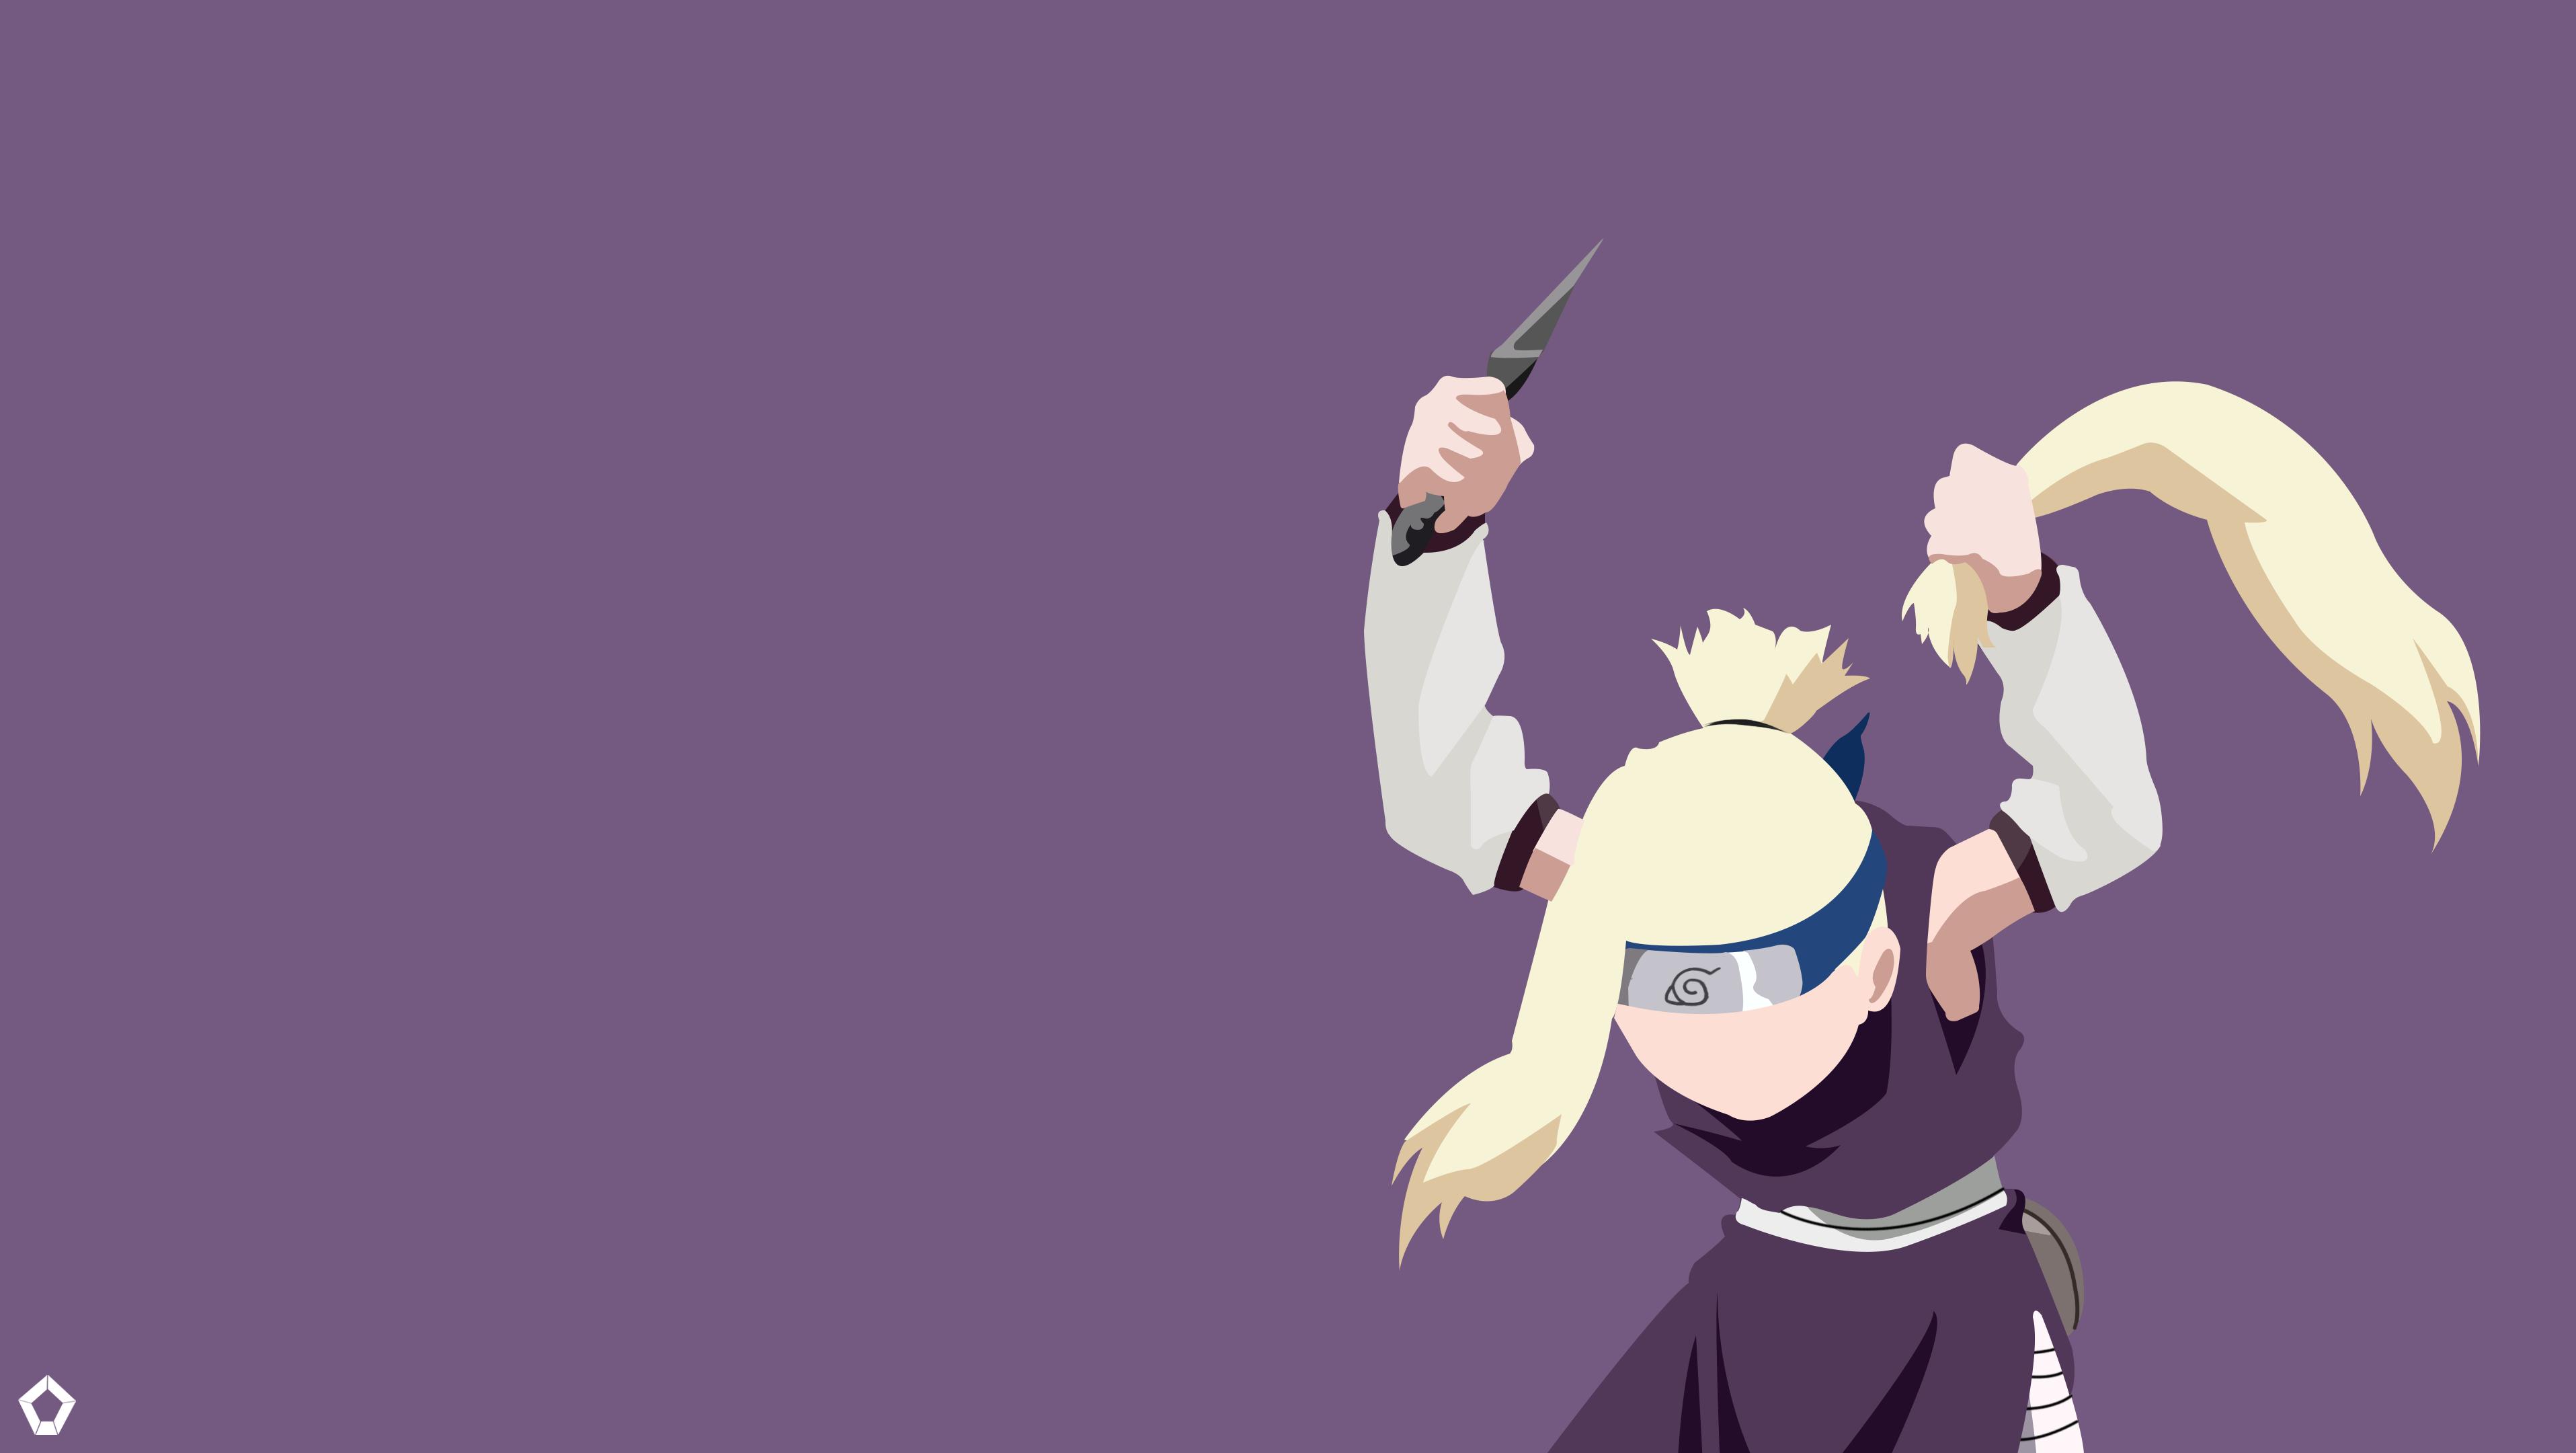 Cool Wallpaper Naruto Minimalistic - 780922  Pic_64942.png